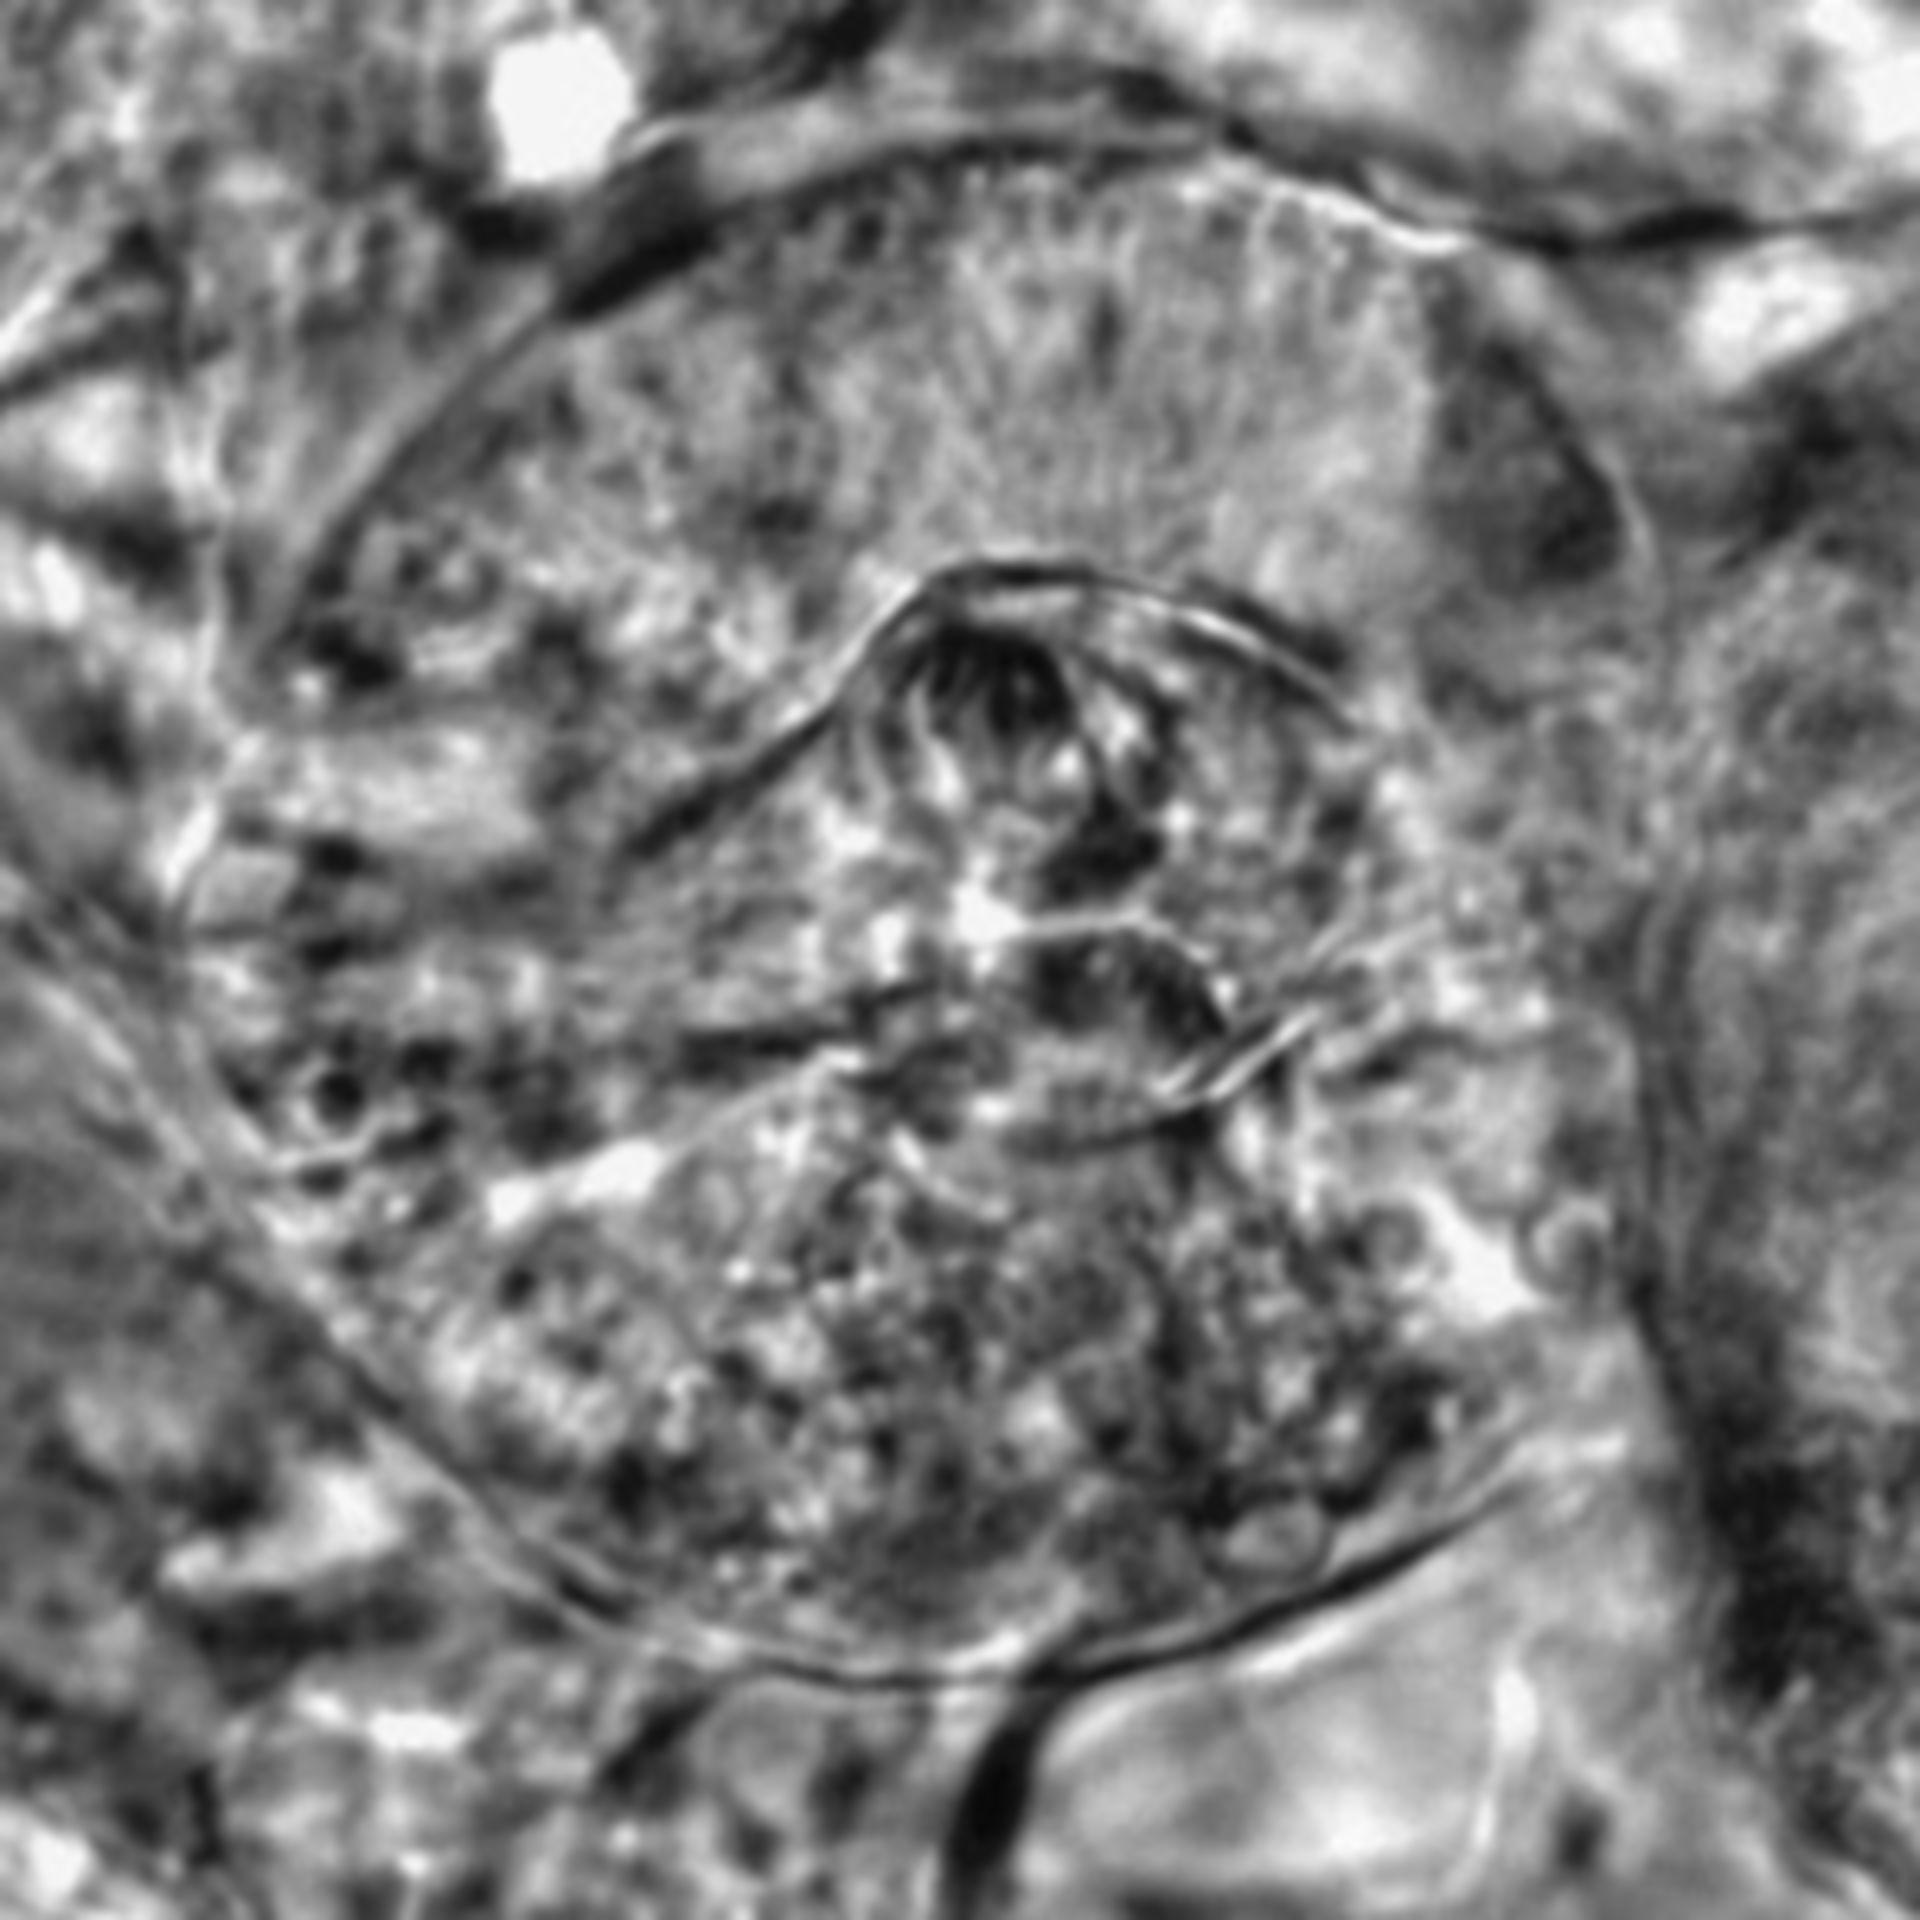 Caenorhabditis elegans - CIL:2591